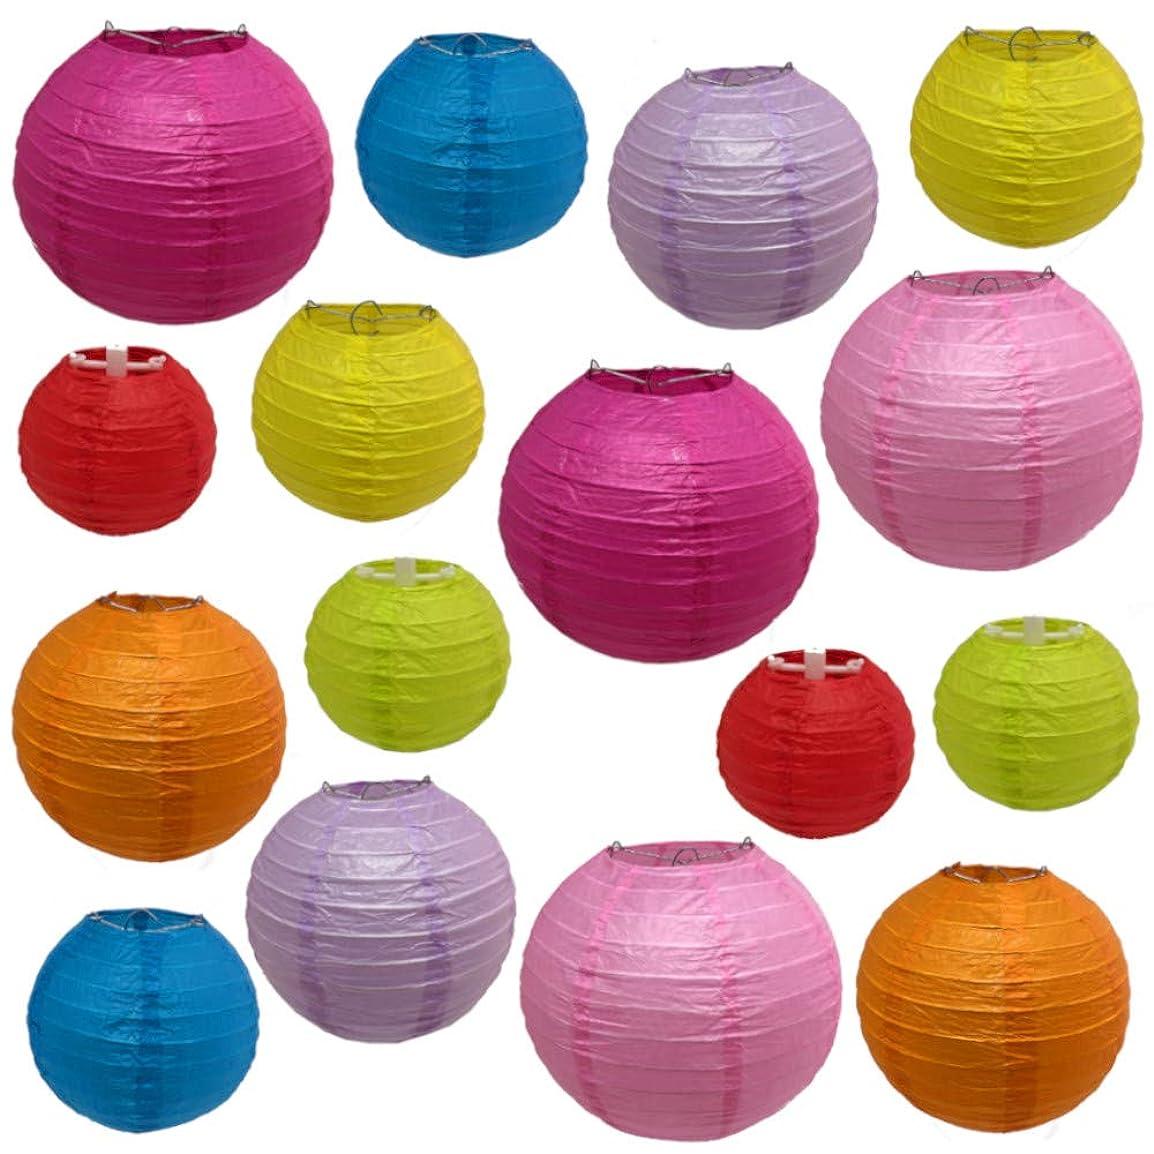 歯痛誘発するいとこペーパーファン ペーパー飾り付け  扇フラワー 扇子 6個セット 3つサイズ  (オレンジ)